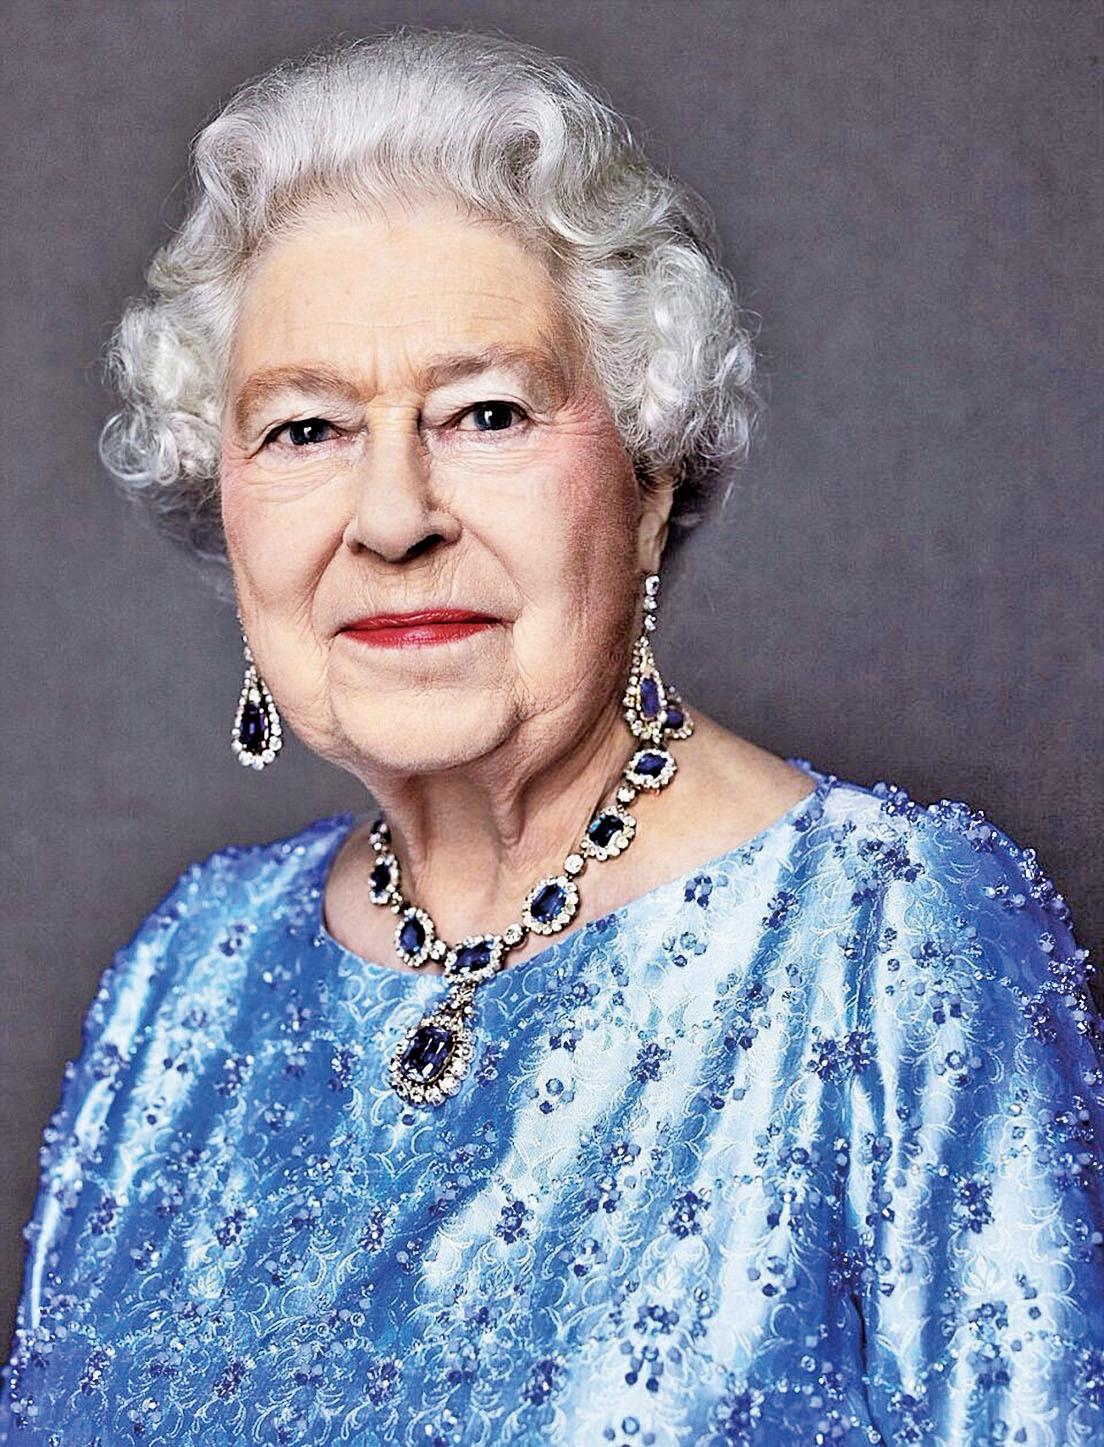 90歲的英國女王伊利沙伯二世,2017年2月6日登基65周年,是世界上在位時間最久的君主。圖為白金漢宮發佈的一張攝於2014年的肖像。(白金漢宮提供)